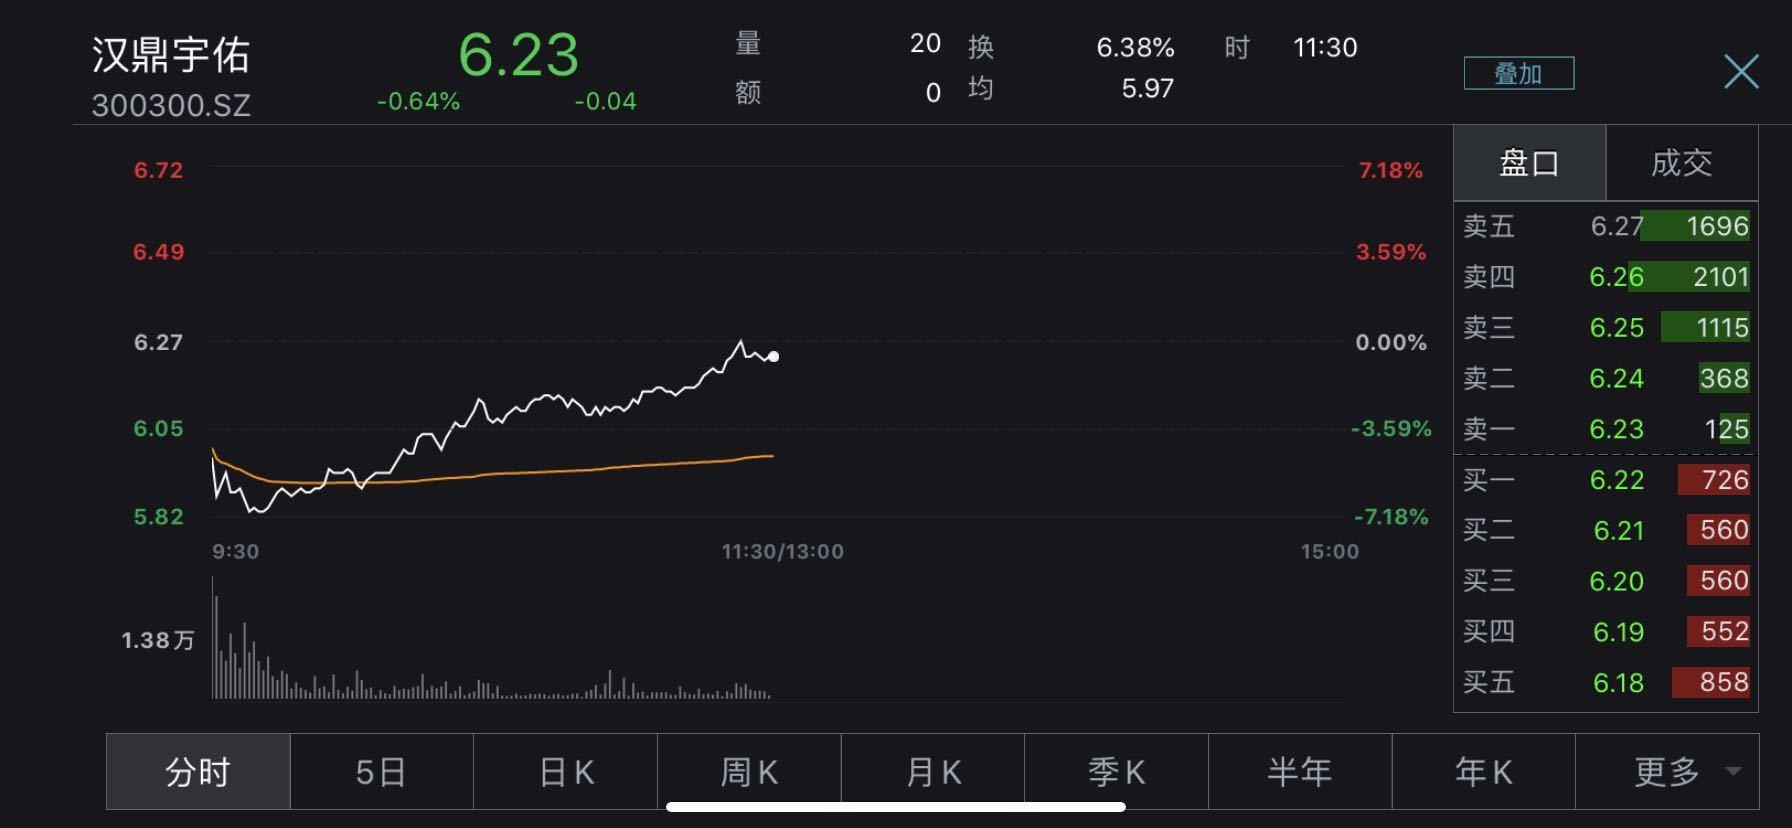 杭州第一大P2P平台微贷网被立案之后风波仍不断